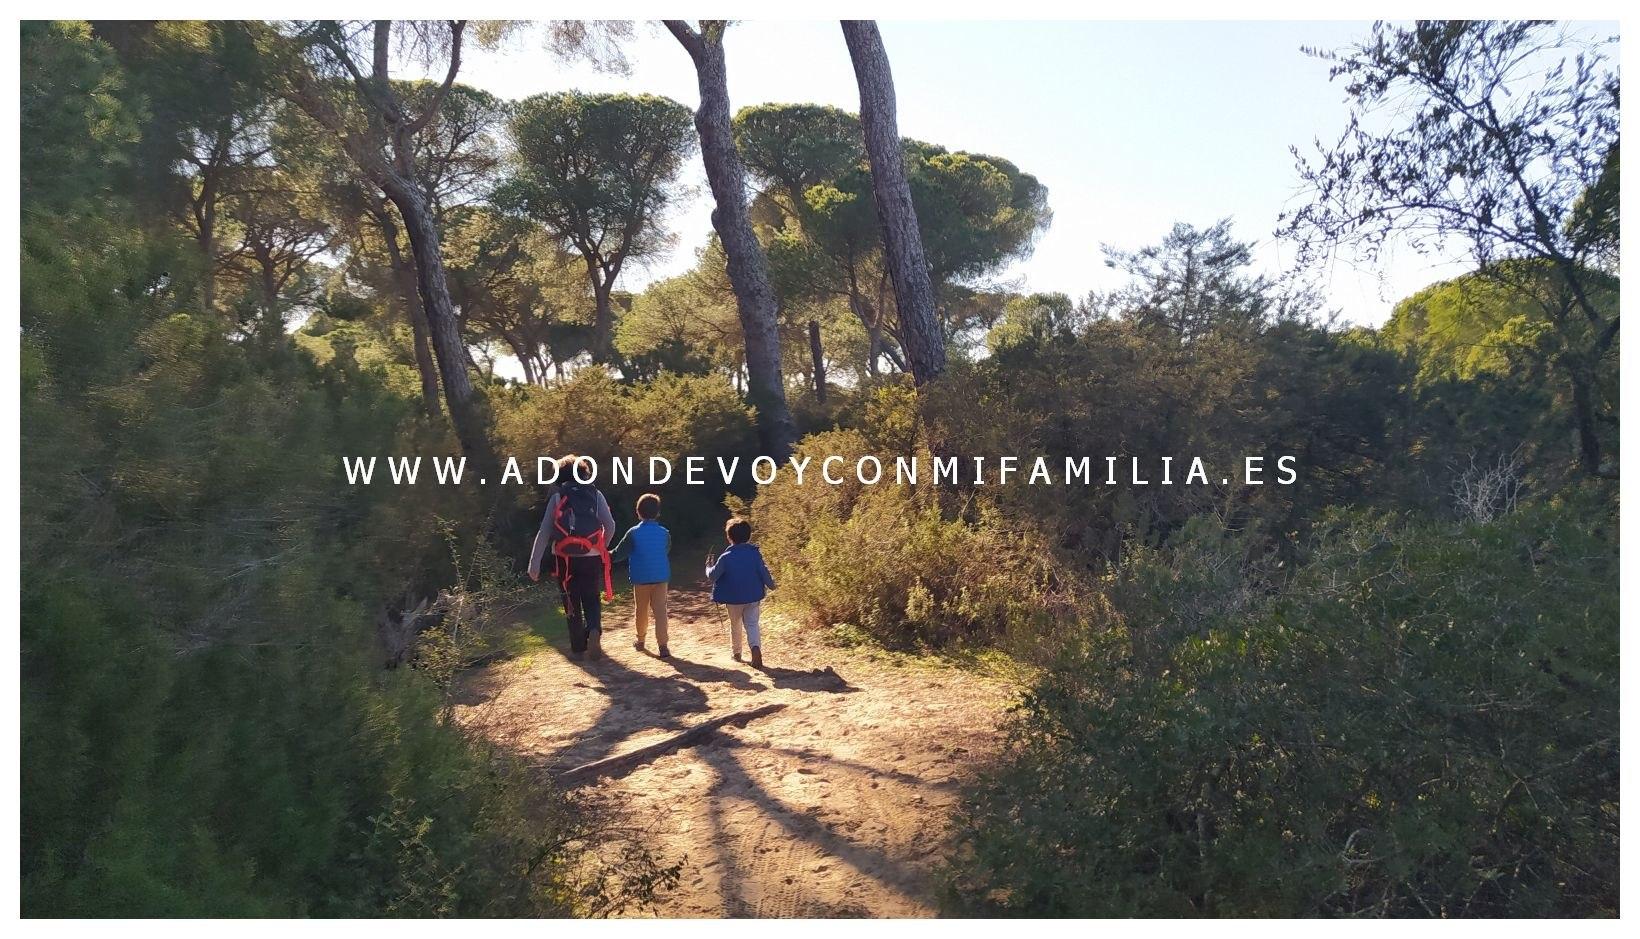 sendero-cerro-del-aguila-pinar-de-la-algaida-sanlucar-adondevoyconmifamilia-36